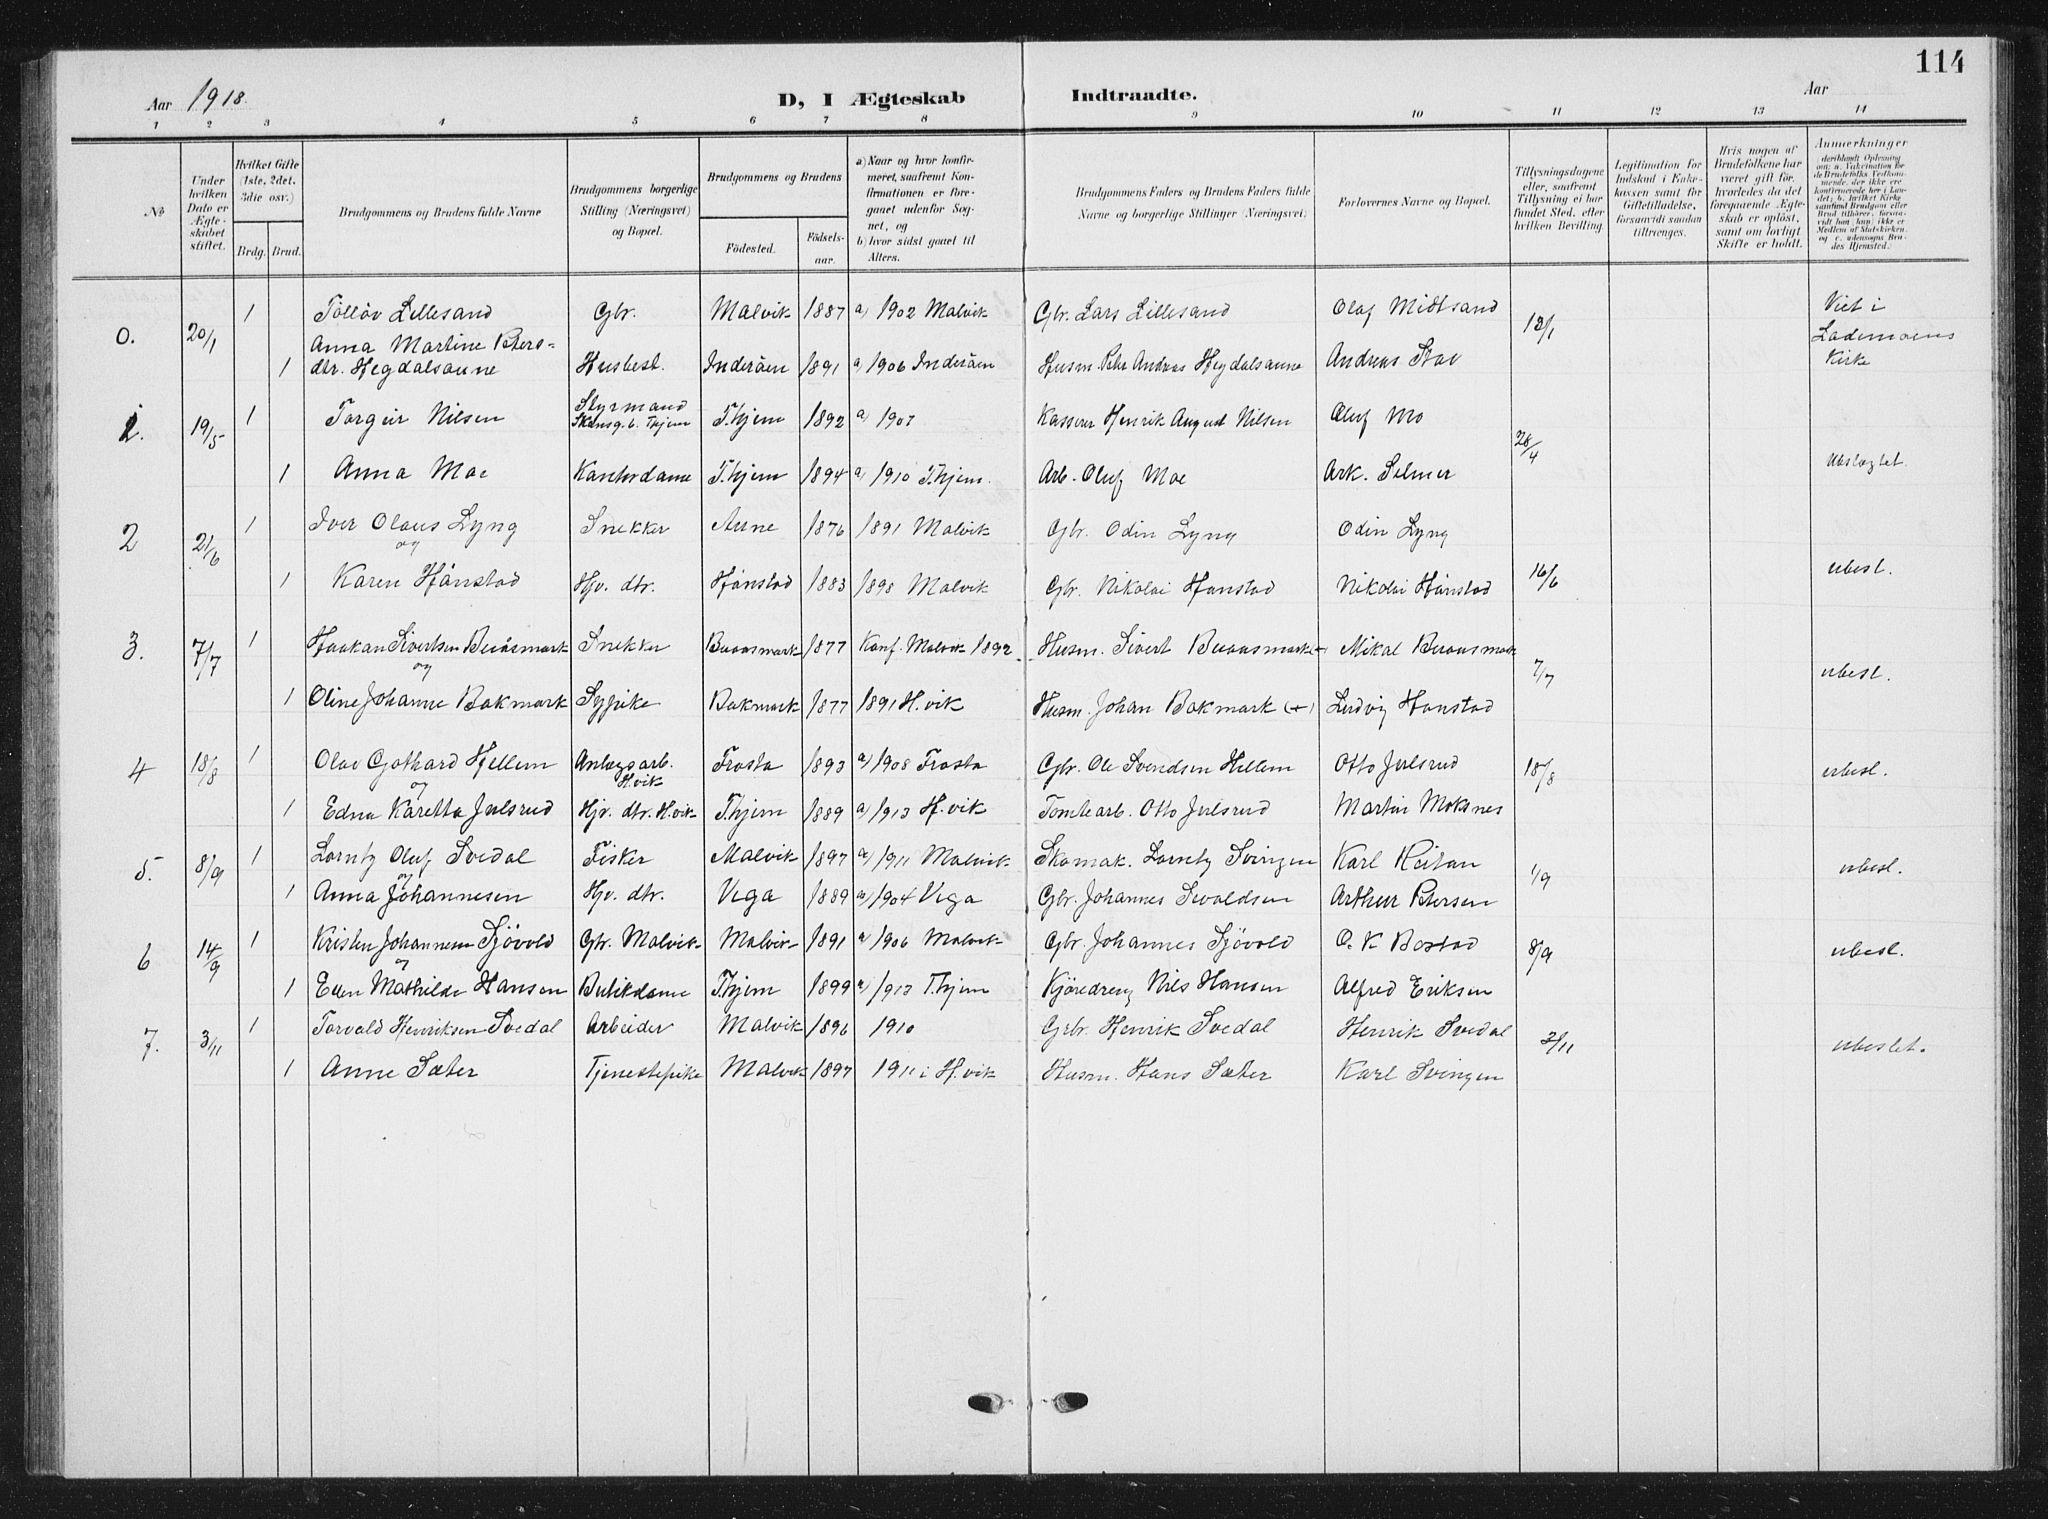 SAT, Ministerialprotokoller, klokkerbøker og fødselsregistre - Sør-Trøndelag, 616/L0424: Klokkerbok nr. 616C07, 1904-1940, s. 114